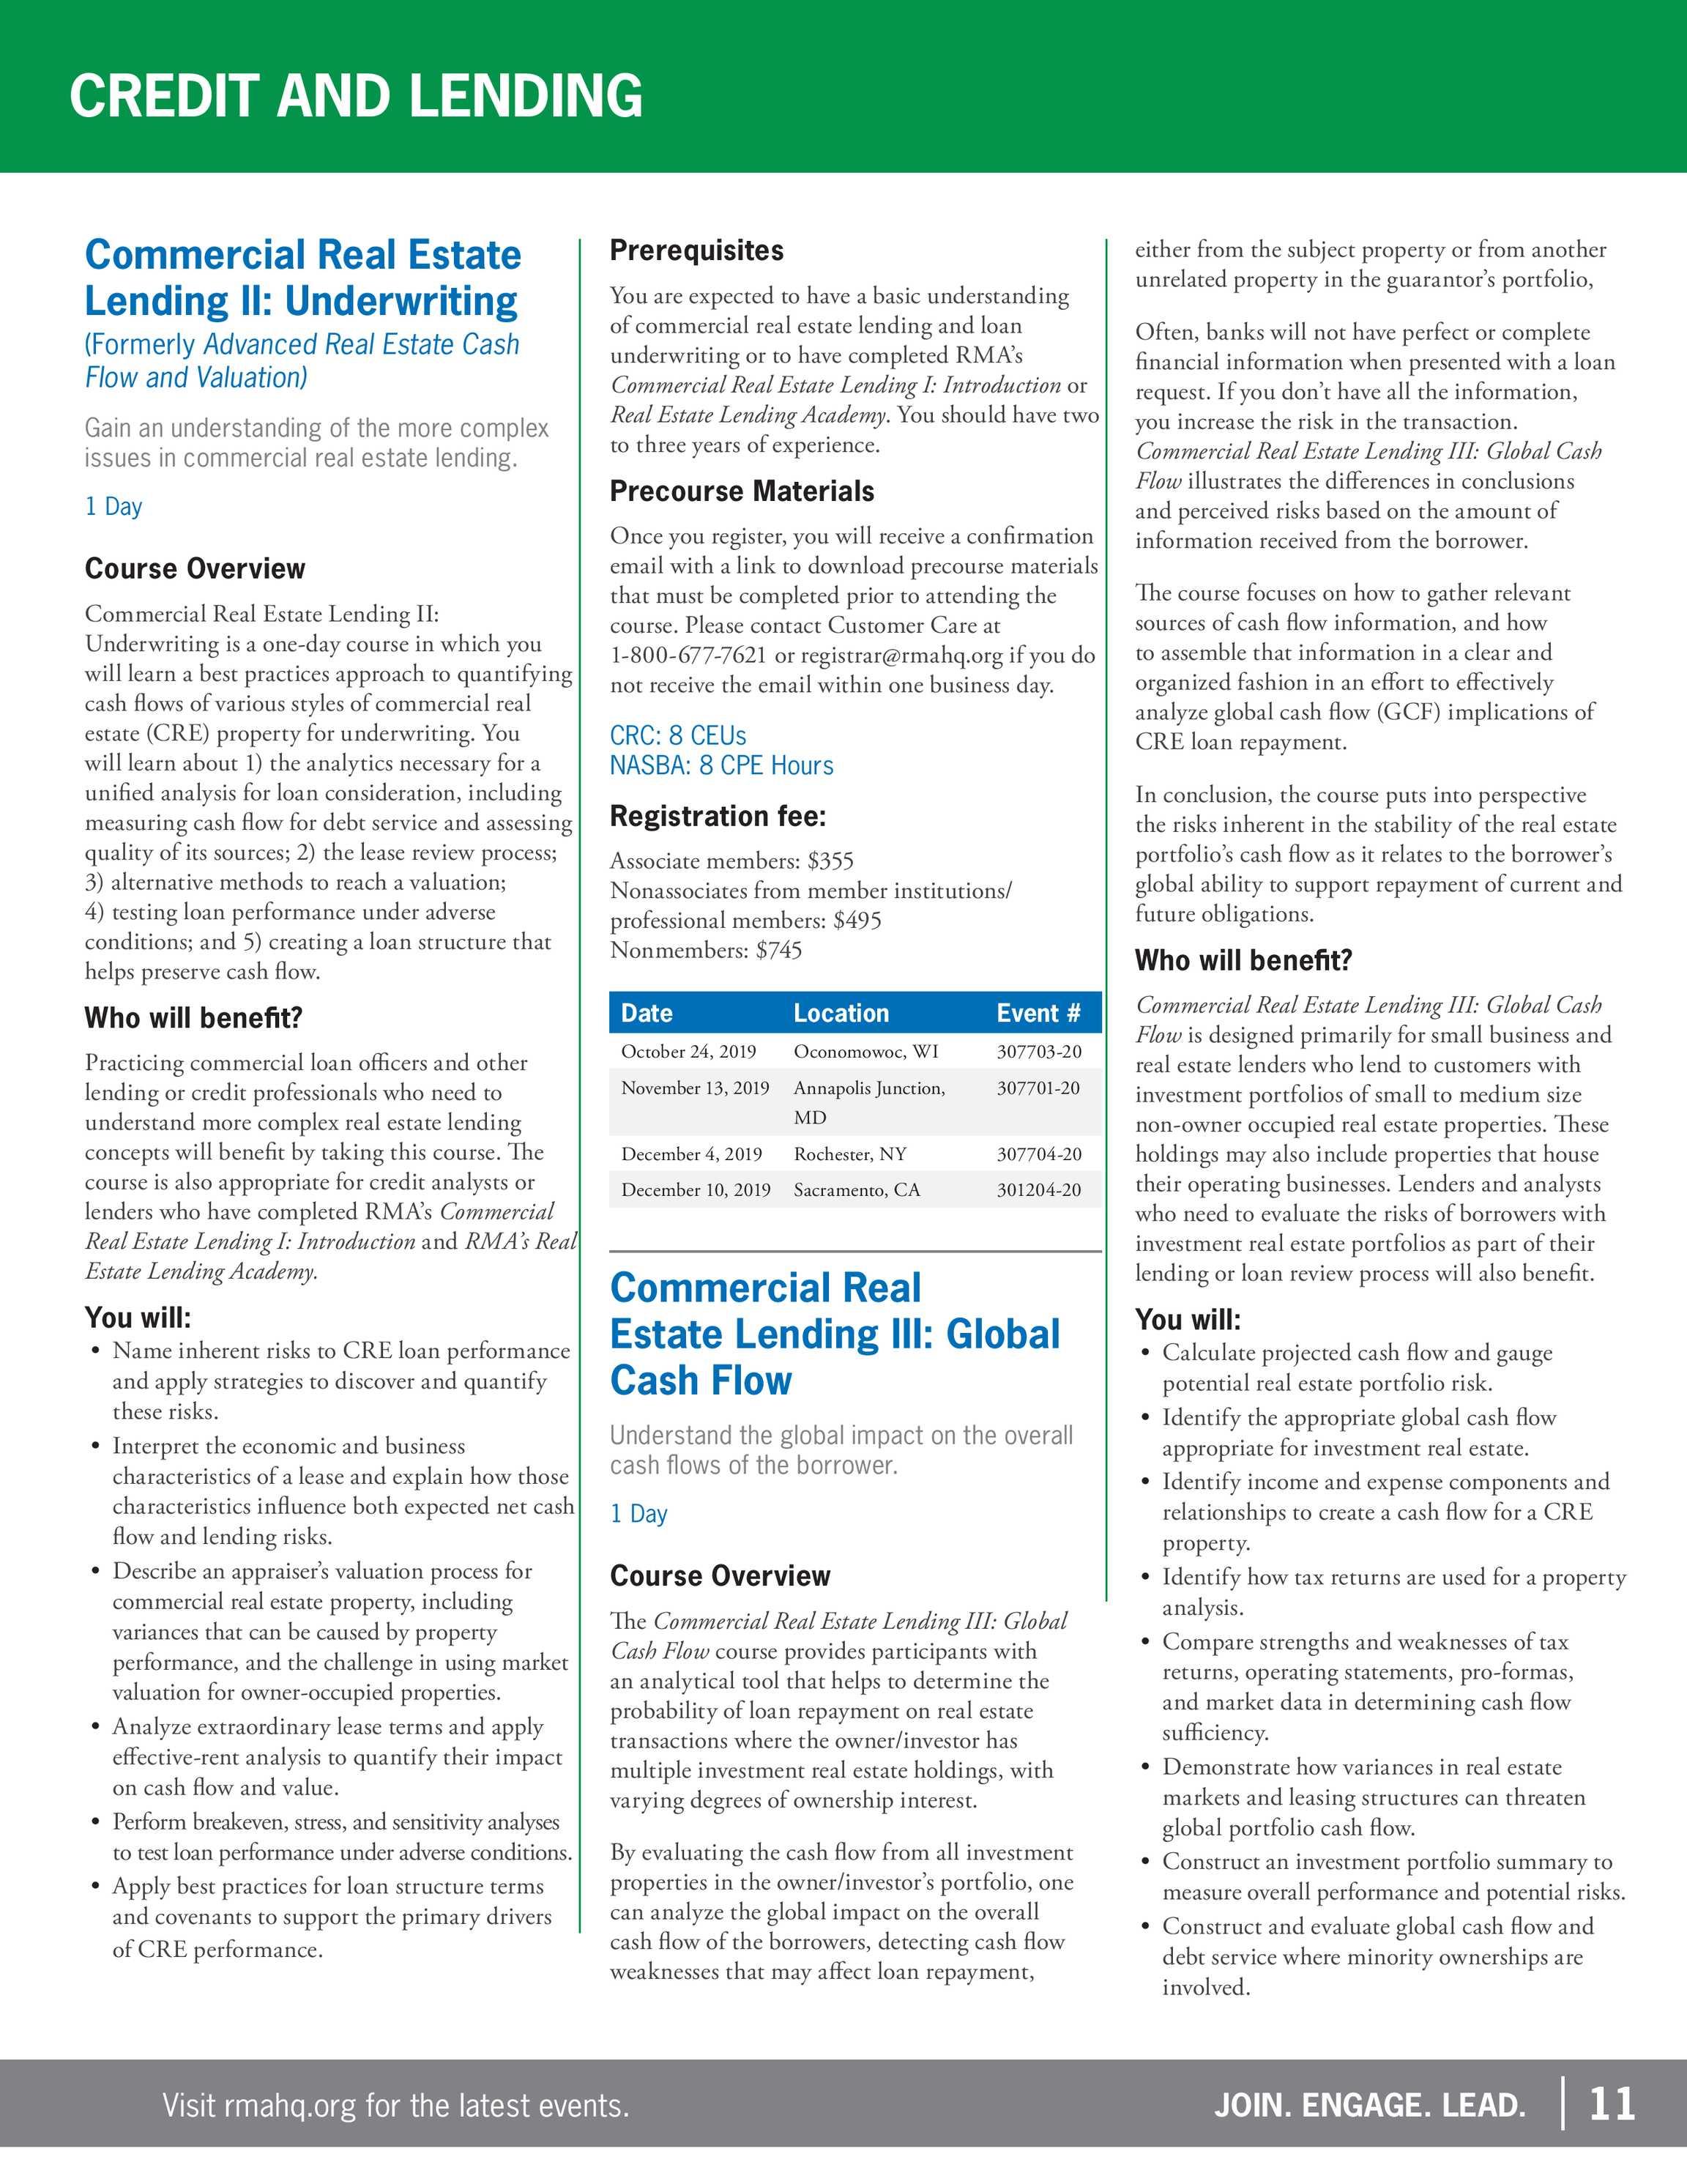 RMA Catalogs - Career Development Catalog September 2019